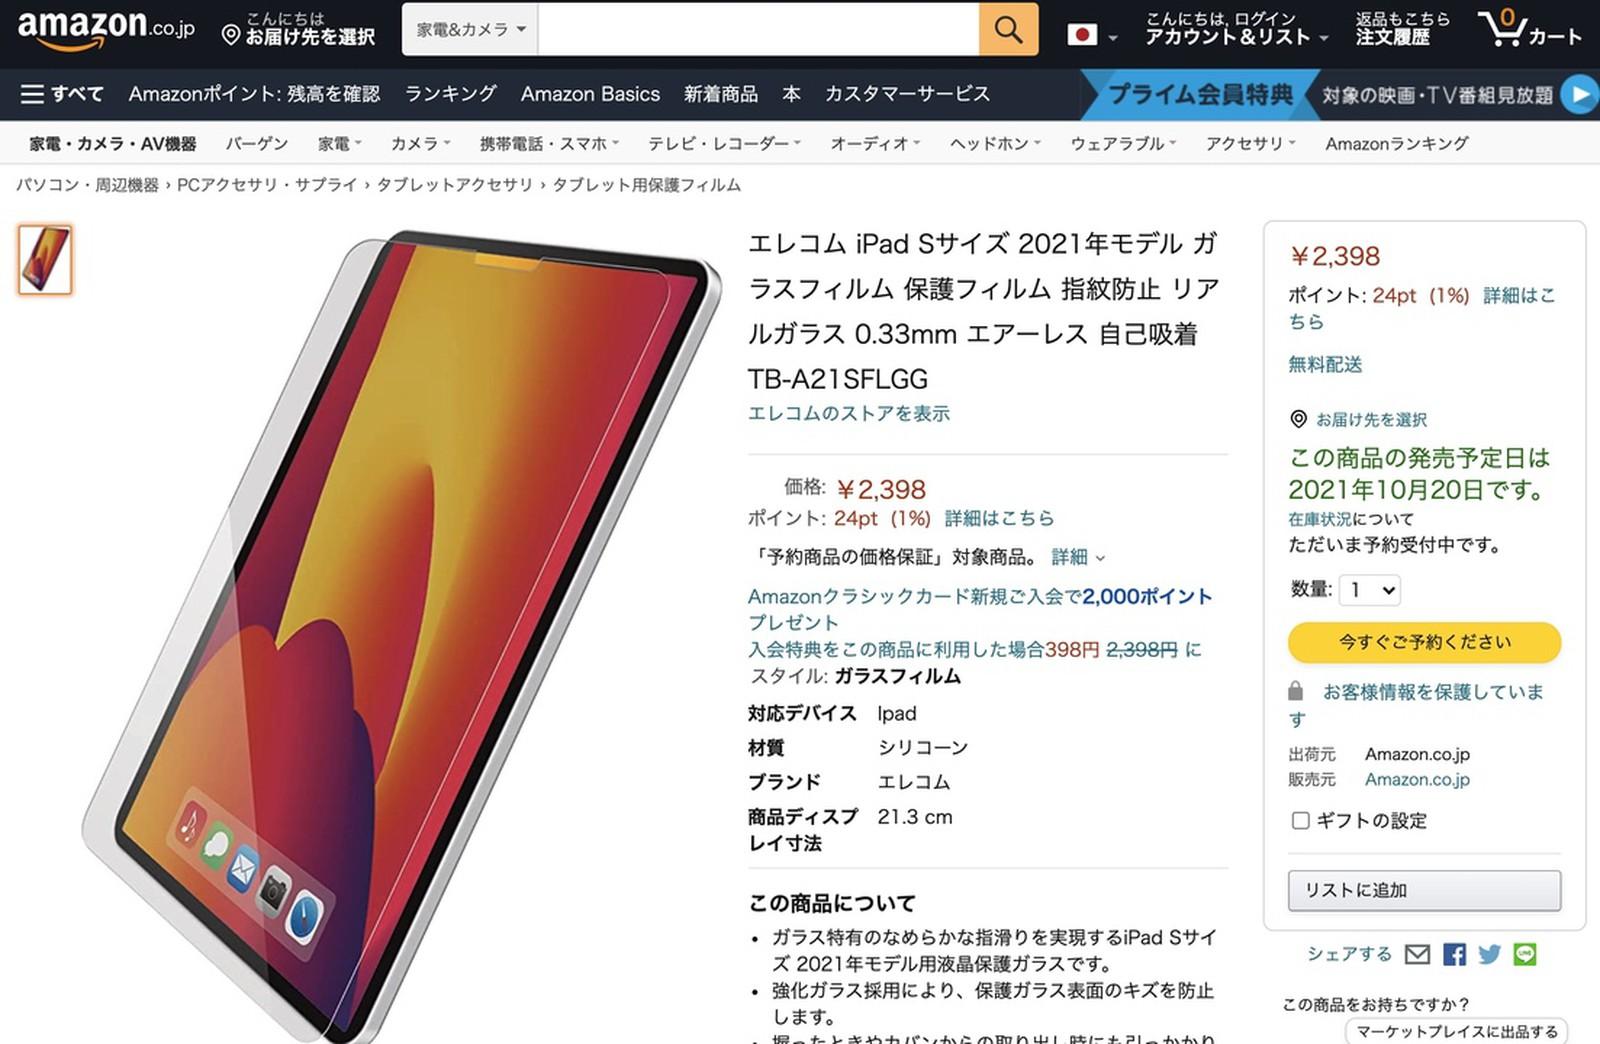 ipad-mini-6-screen-protector-amazon